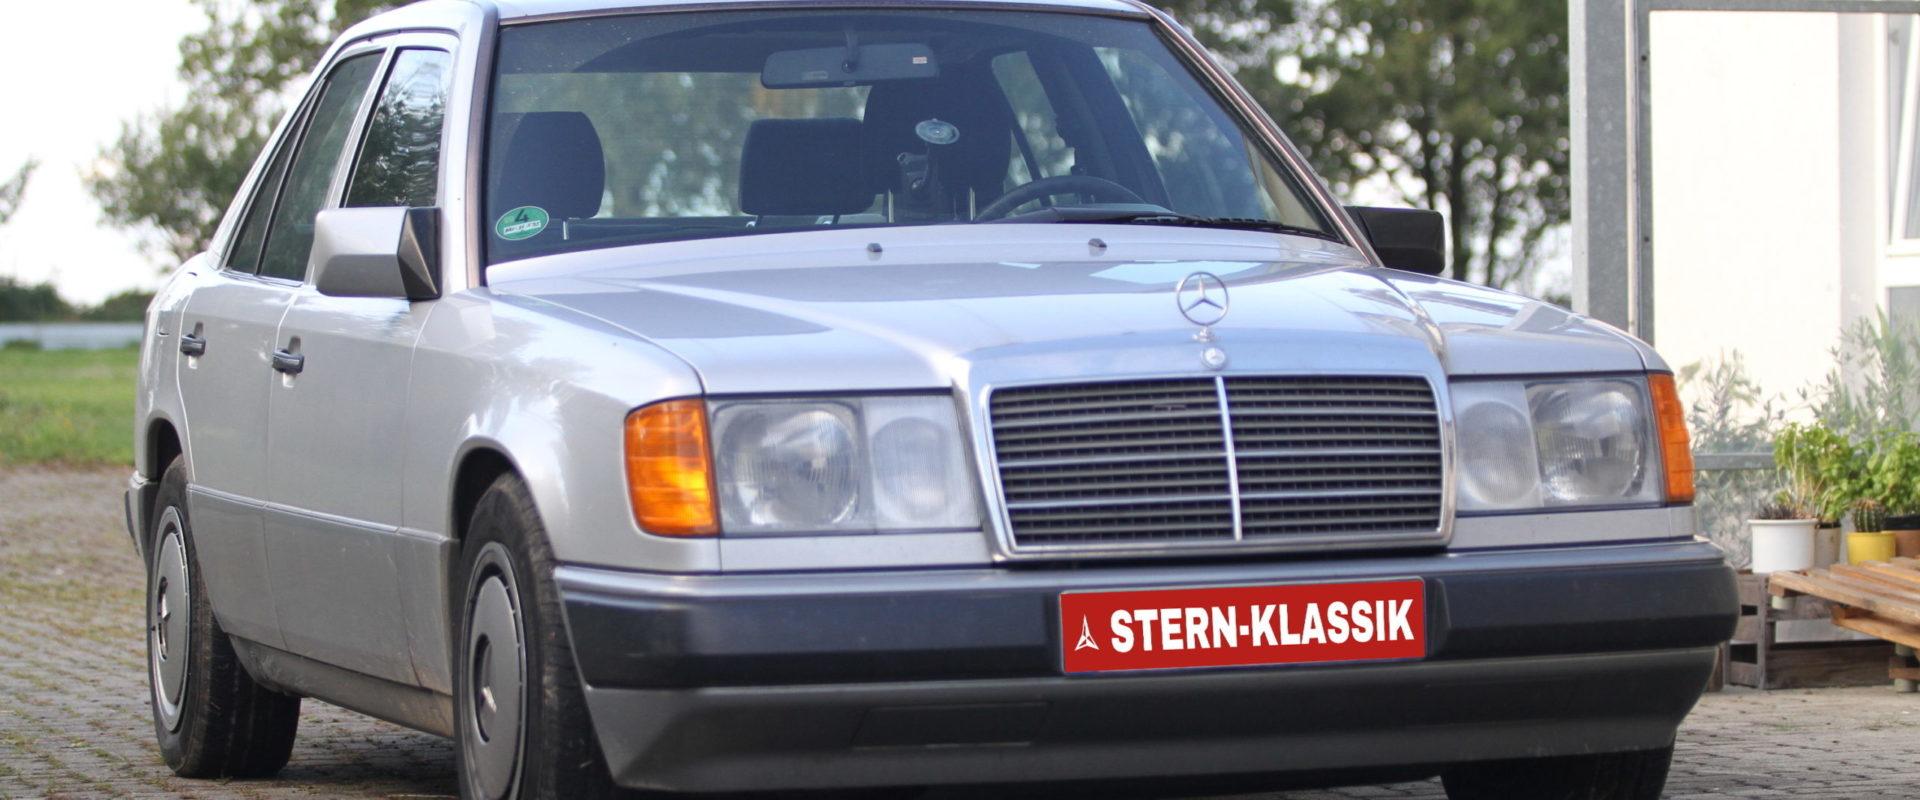 Stern-Klassik